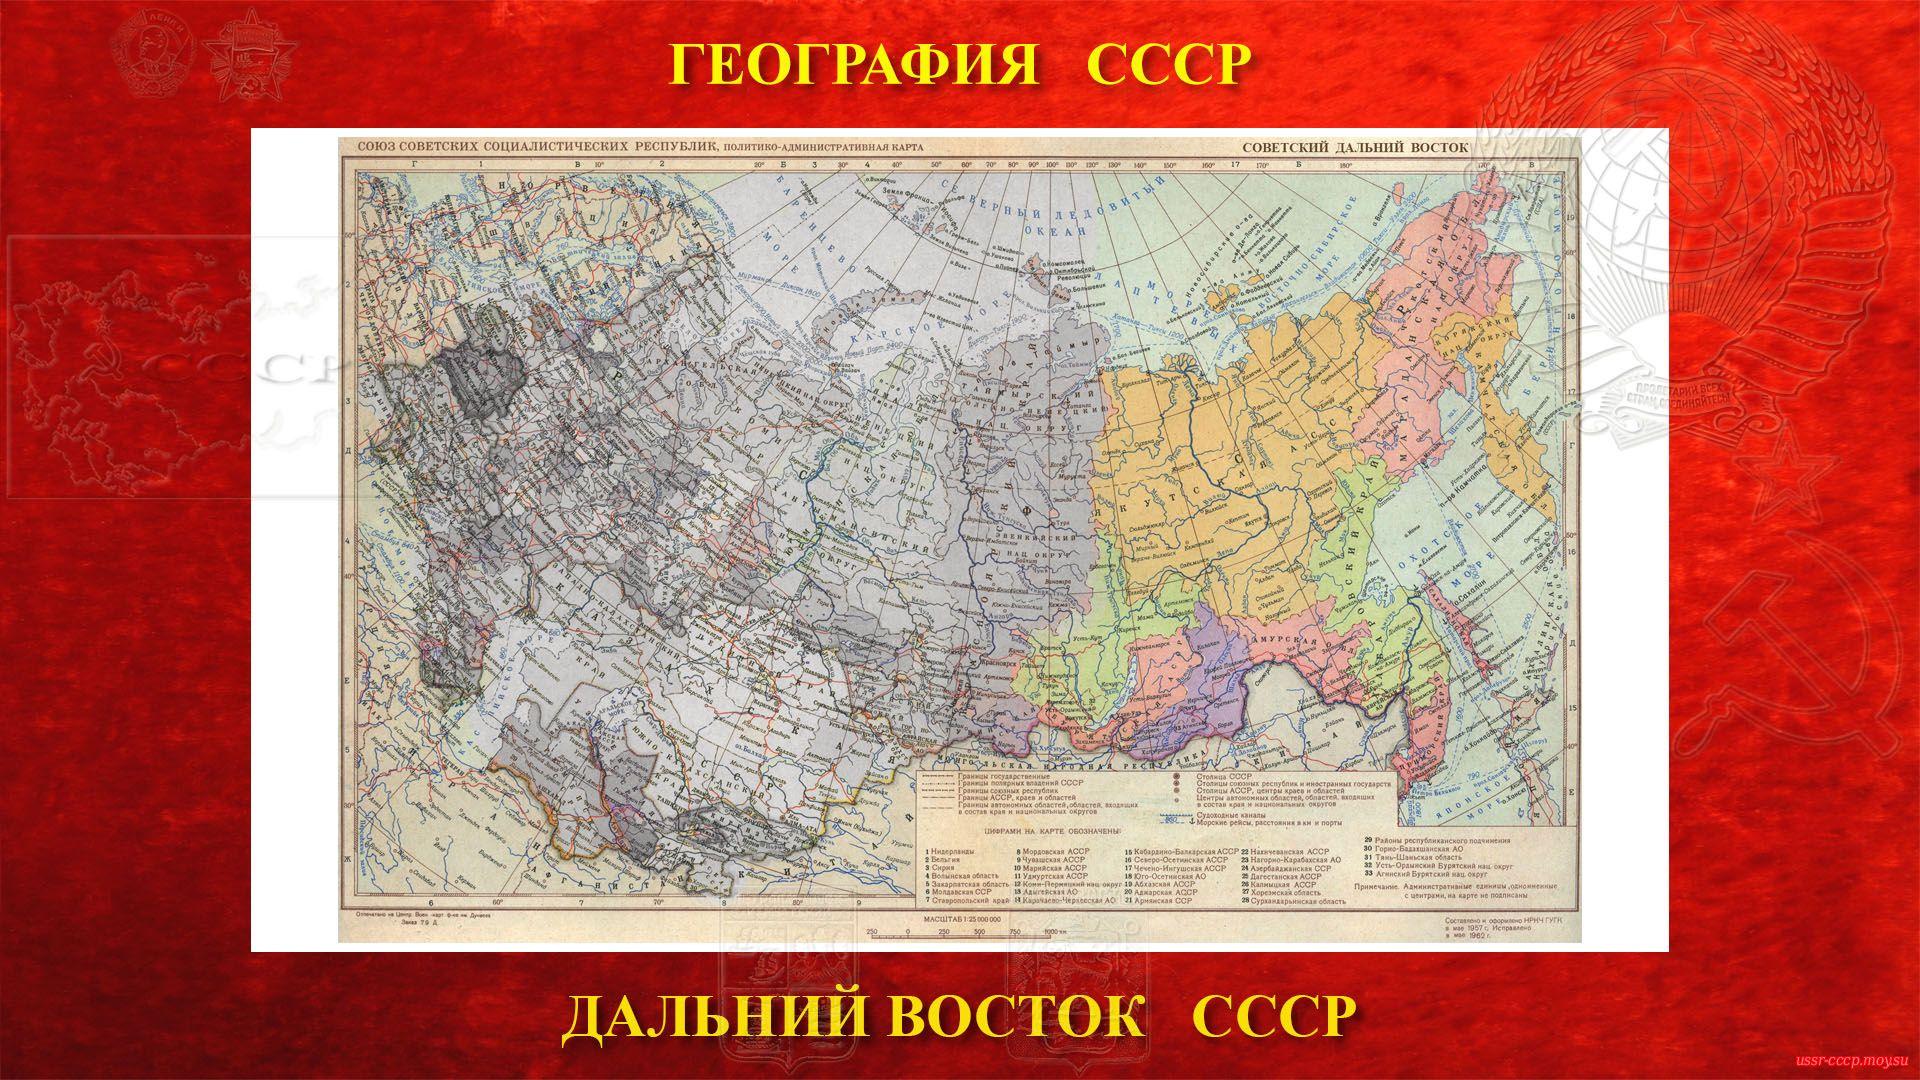 Советский Дальний Восток СССР — Восточная часть территории СССР